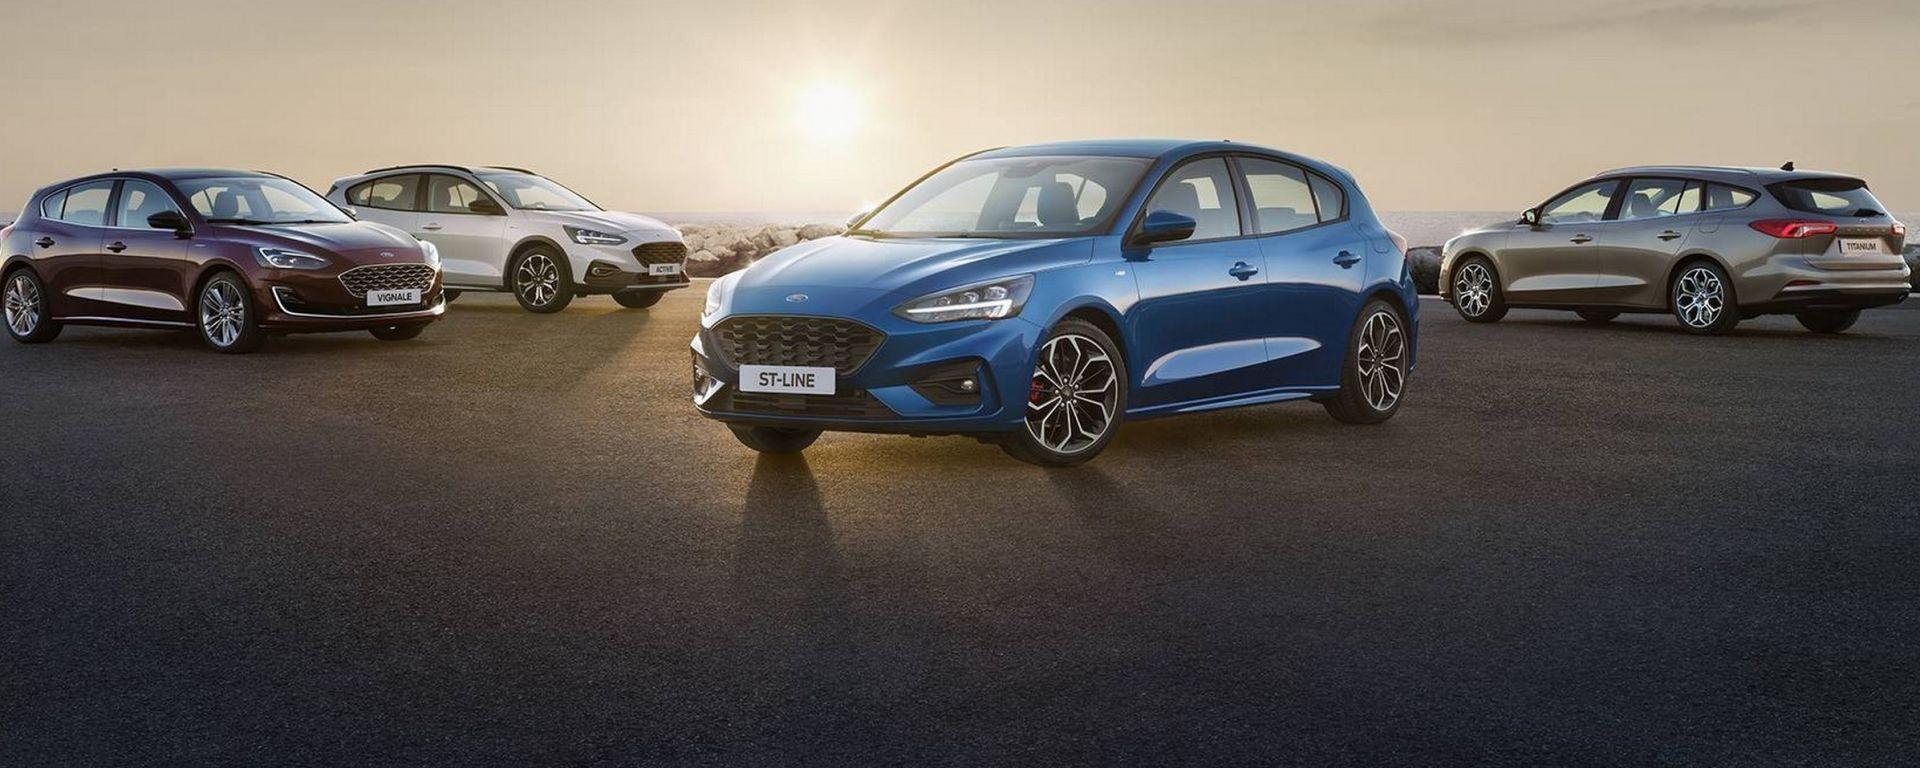 Nuova Ford Focus, ecco come cambia: tutte le immagini e info